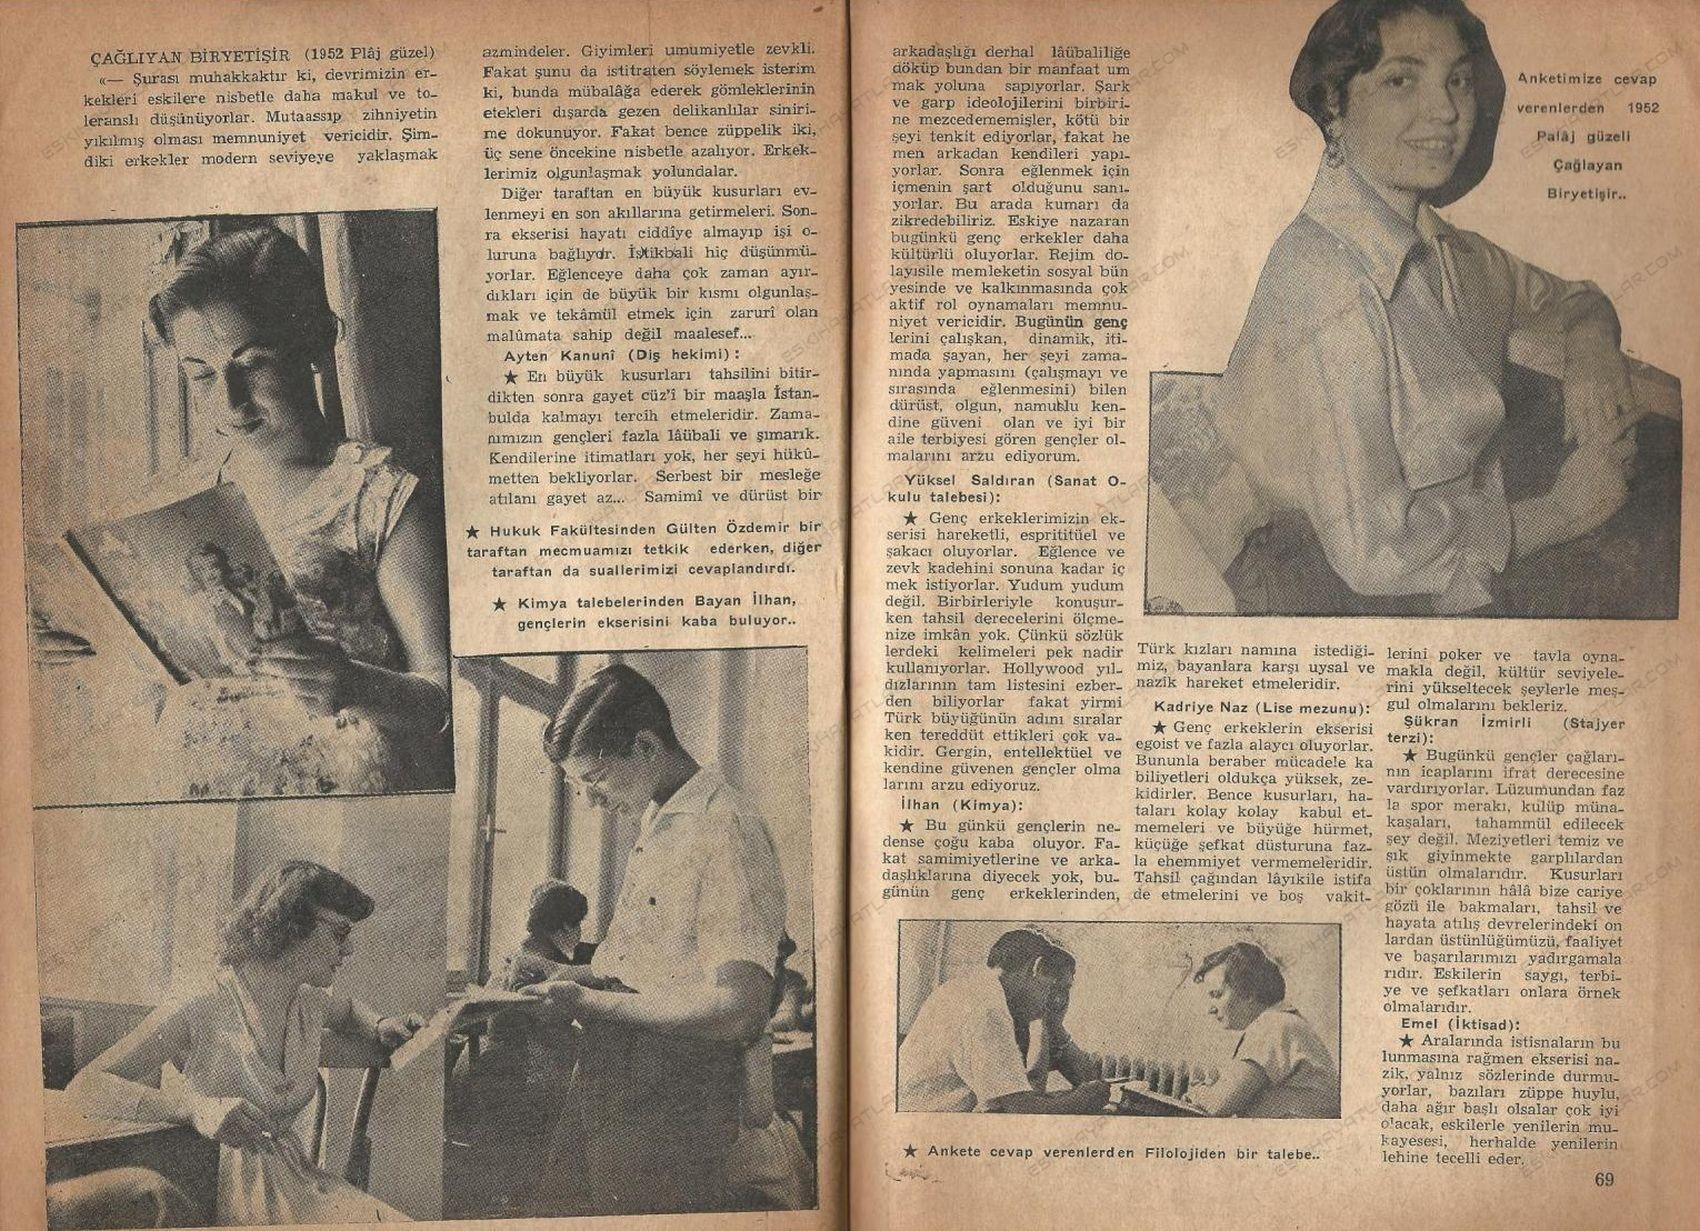 0149-aydabir-dergisi-1953-yusuf-ziya-ortac-ellilerde-genc-kiz-olmak-ellili-yillarda-universite-ogrencisi-kizlar-3